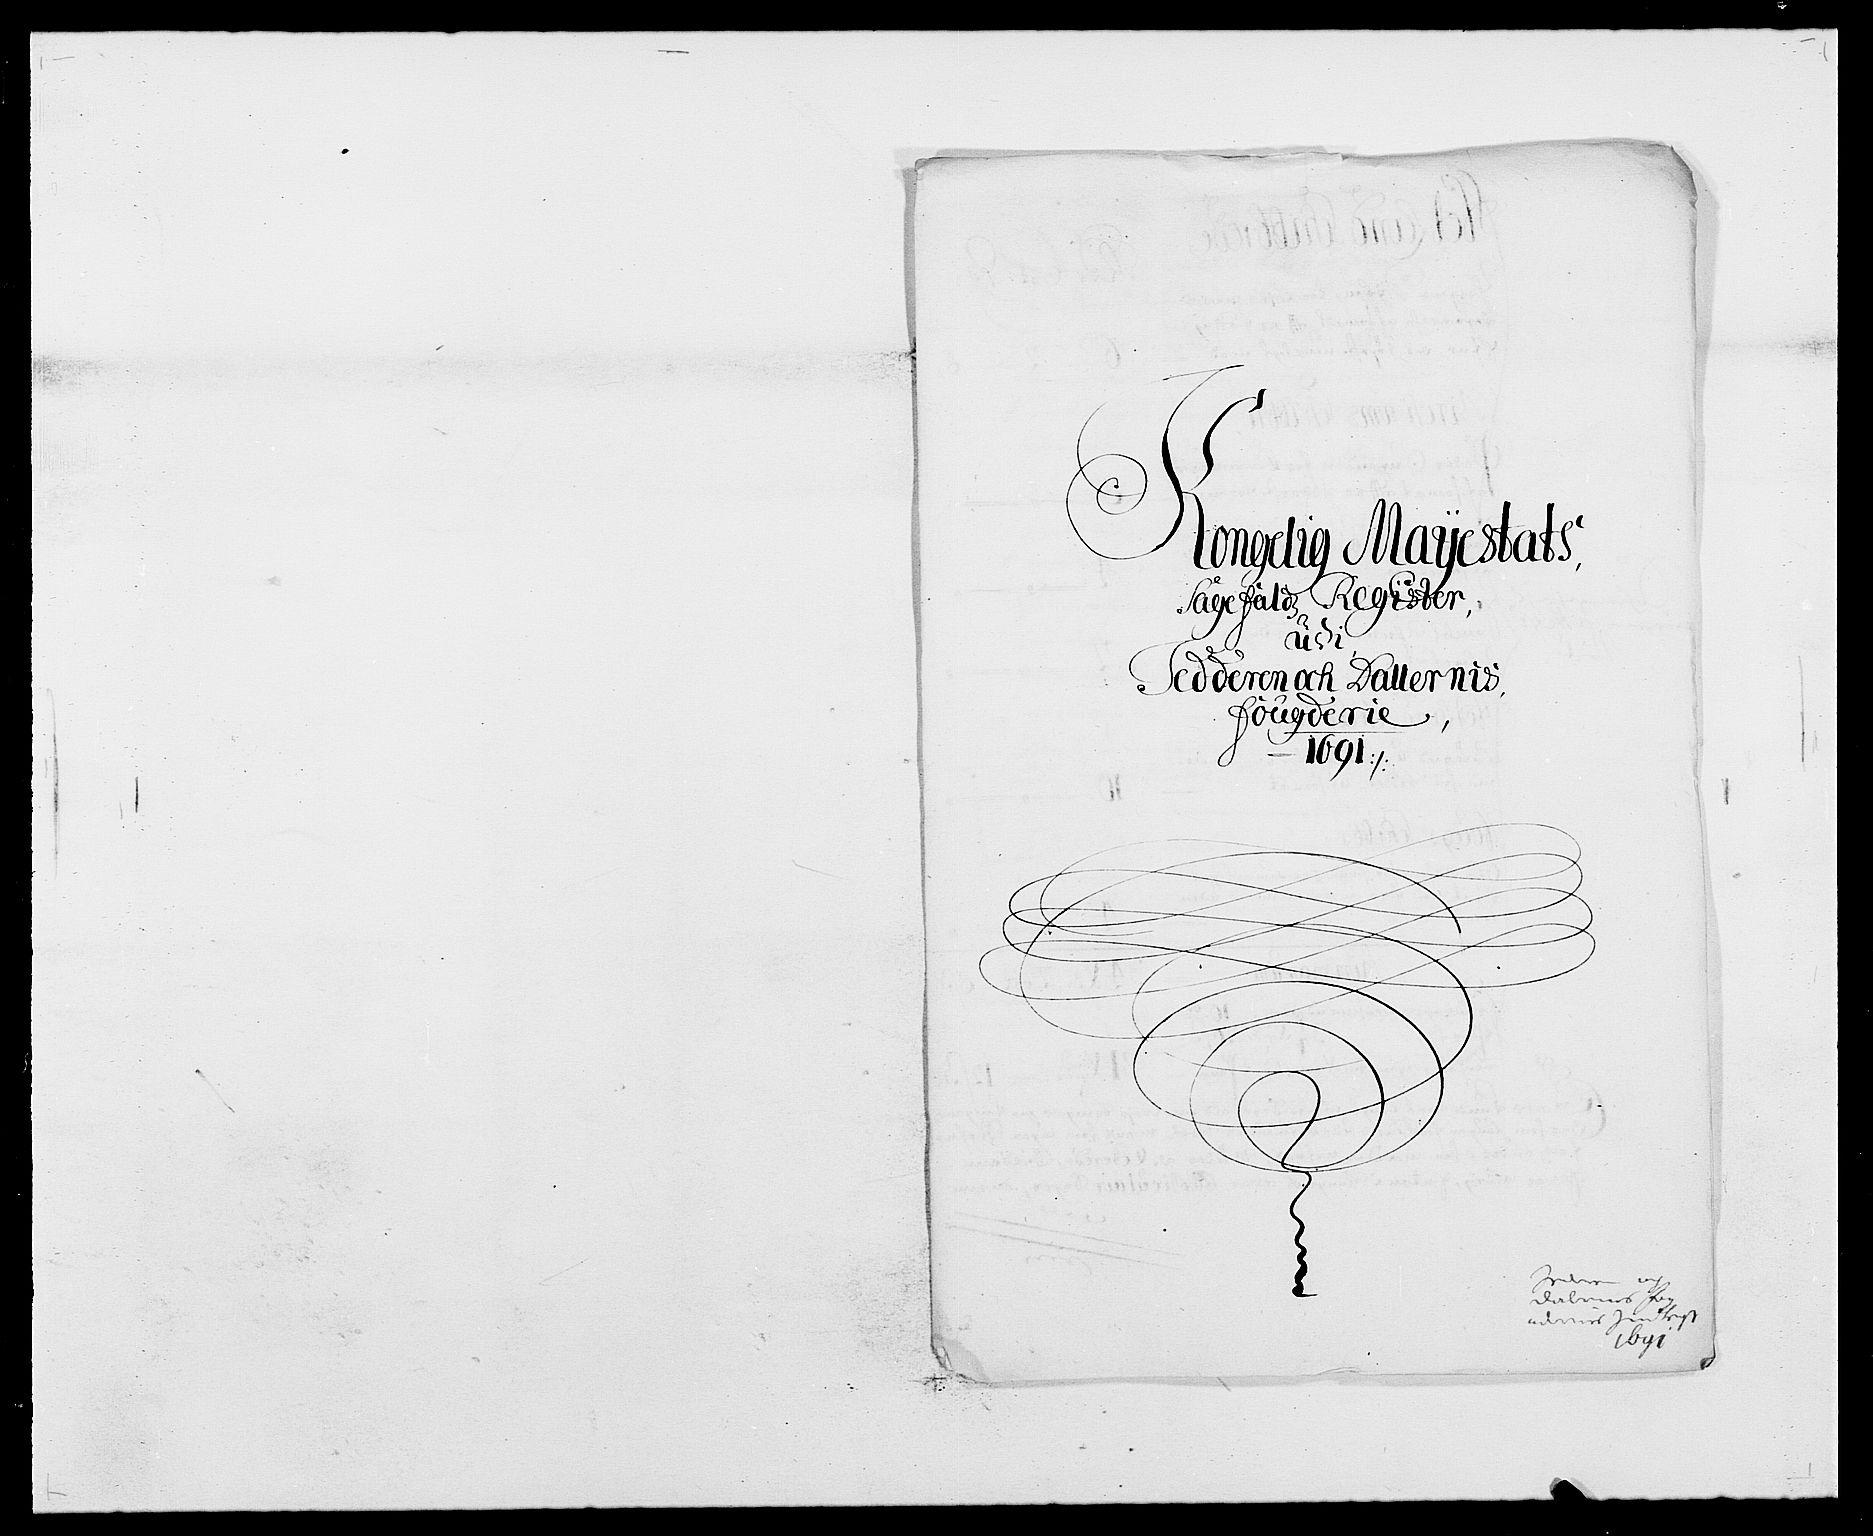 RA, Rentekammeret inntil 1814, Reviderte regnskaper, Fogderegnskap, R46/L2727: Fogderegnskap Jæren og Dalane, 1690-1693, s. 108